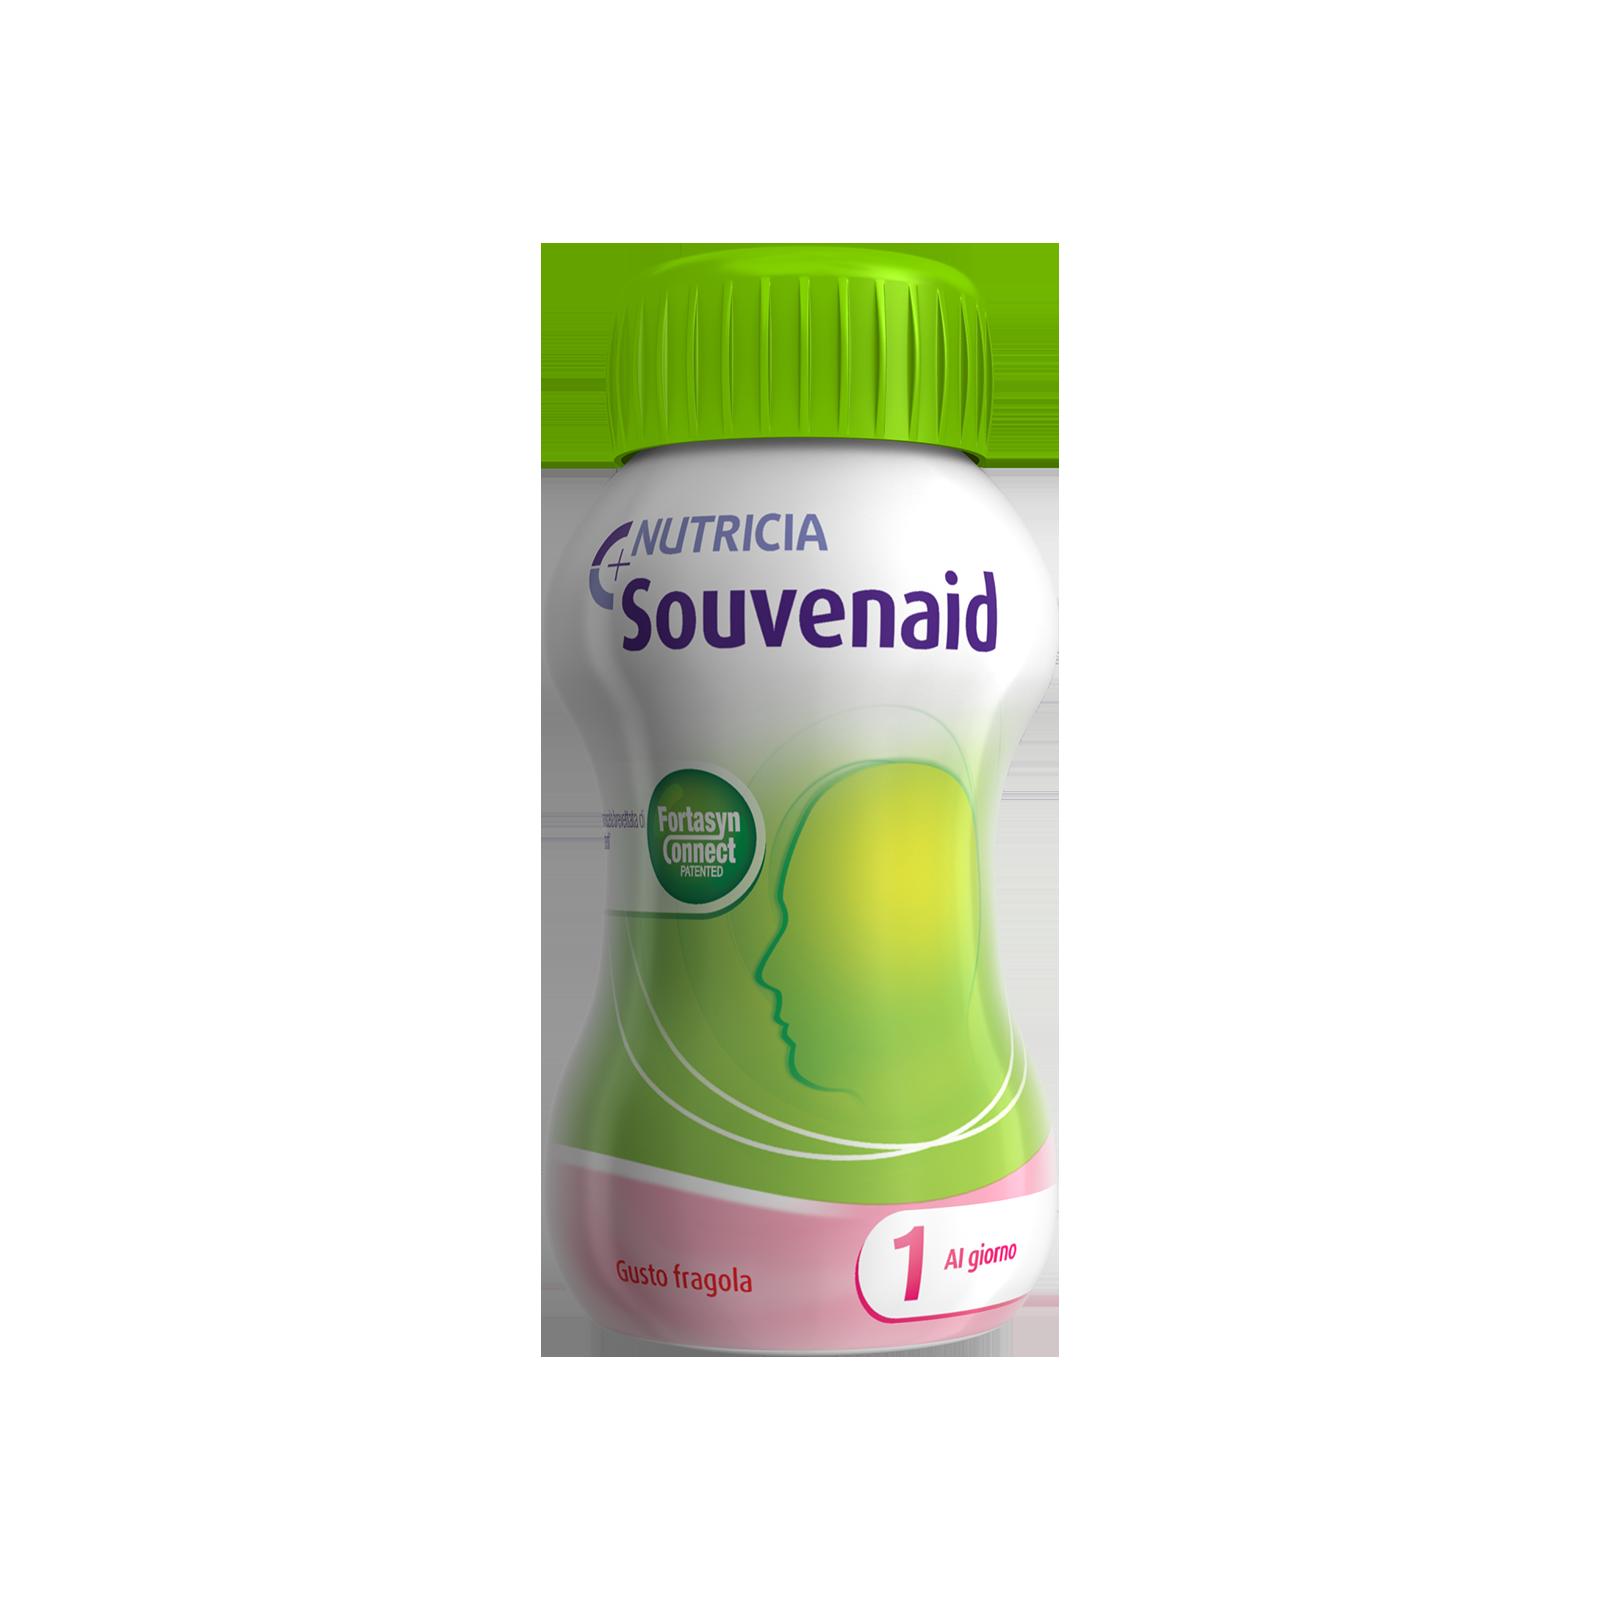 Souvenaid Fragola 96x Confezione 125 ml | Nutricia